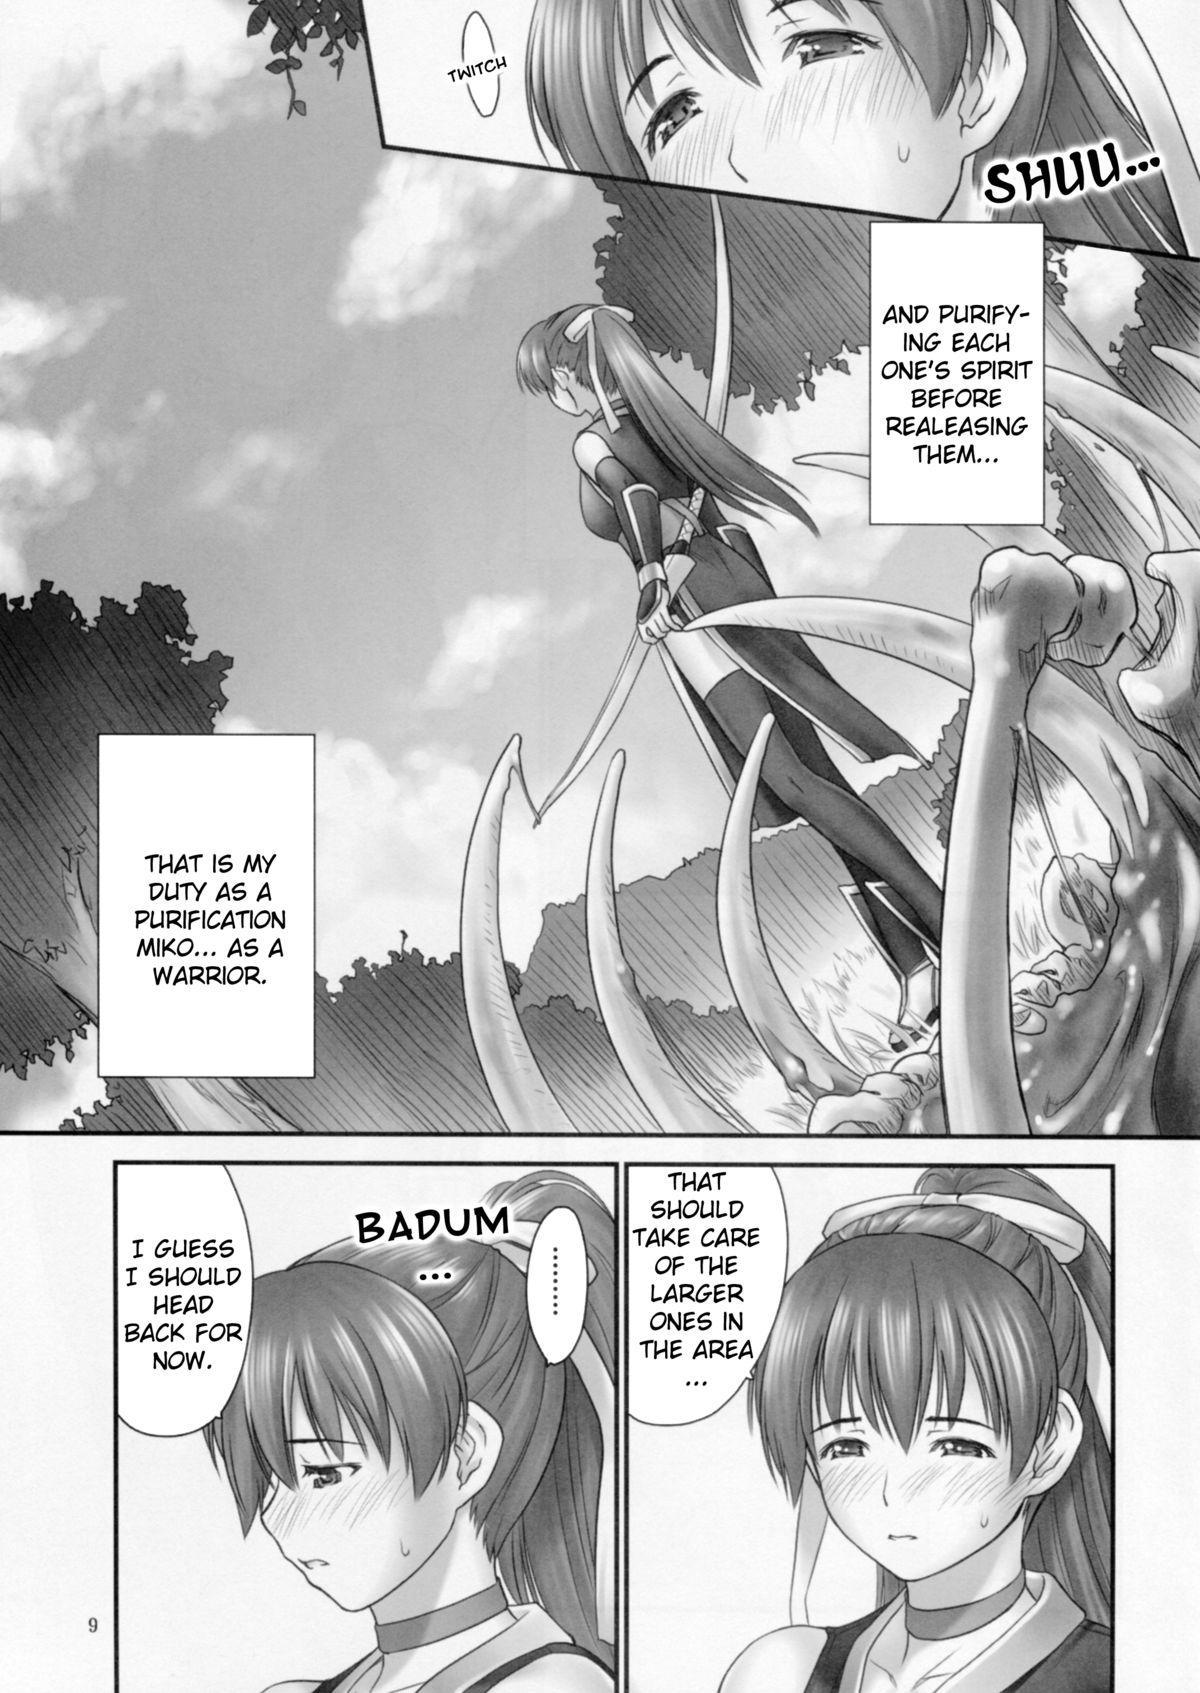 Toukiden Vol. 1 6